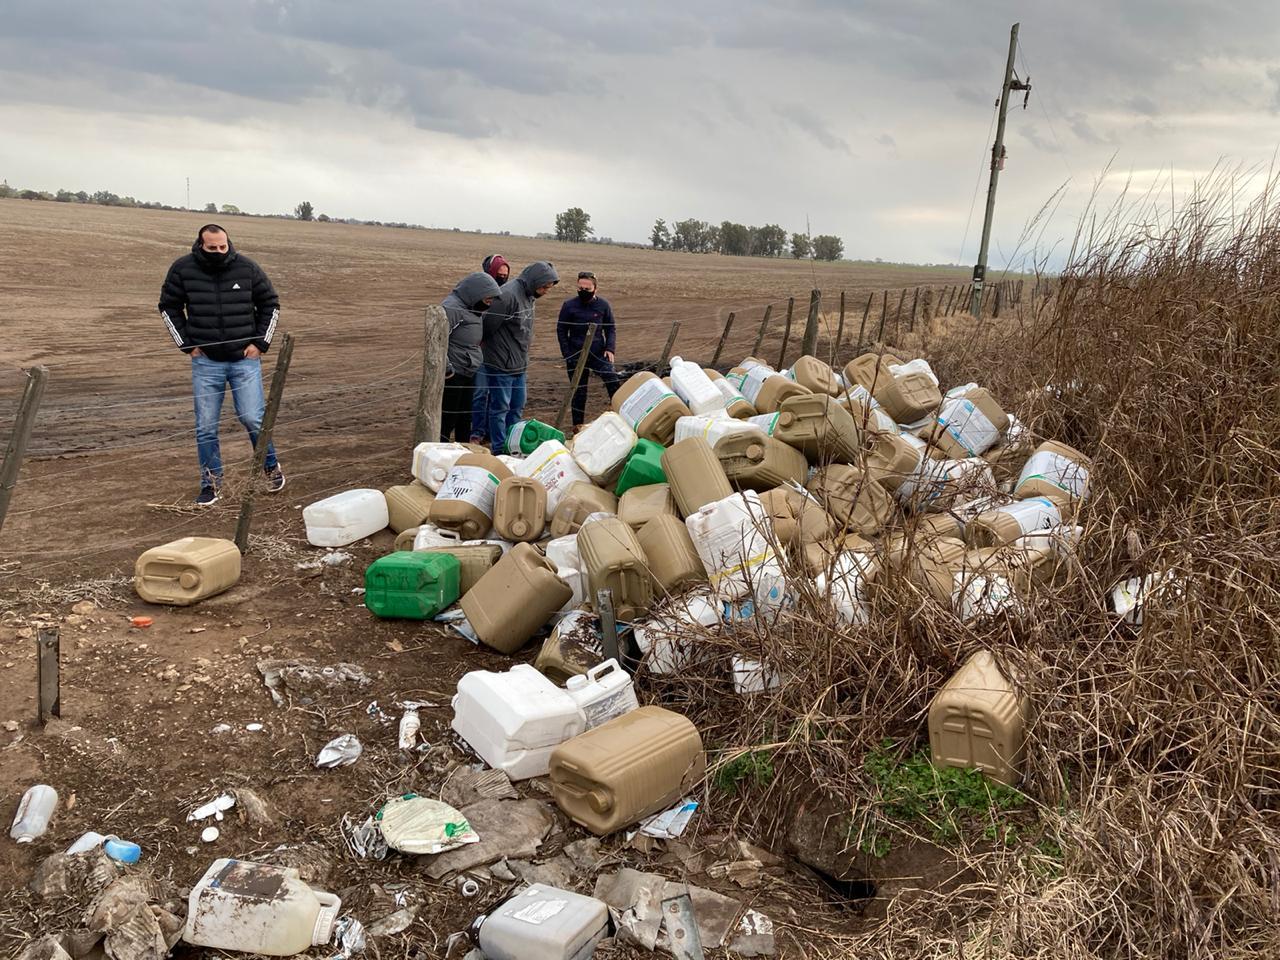 Detectaron 260 bidones de glifosato durante importante allanamiento en un campo cerca de Metileo